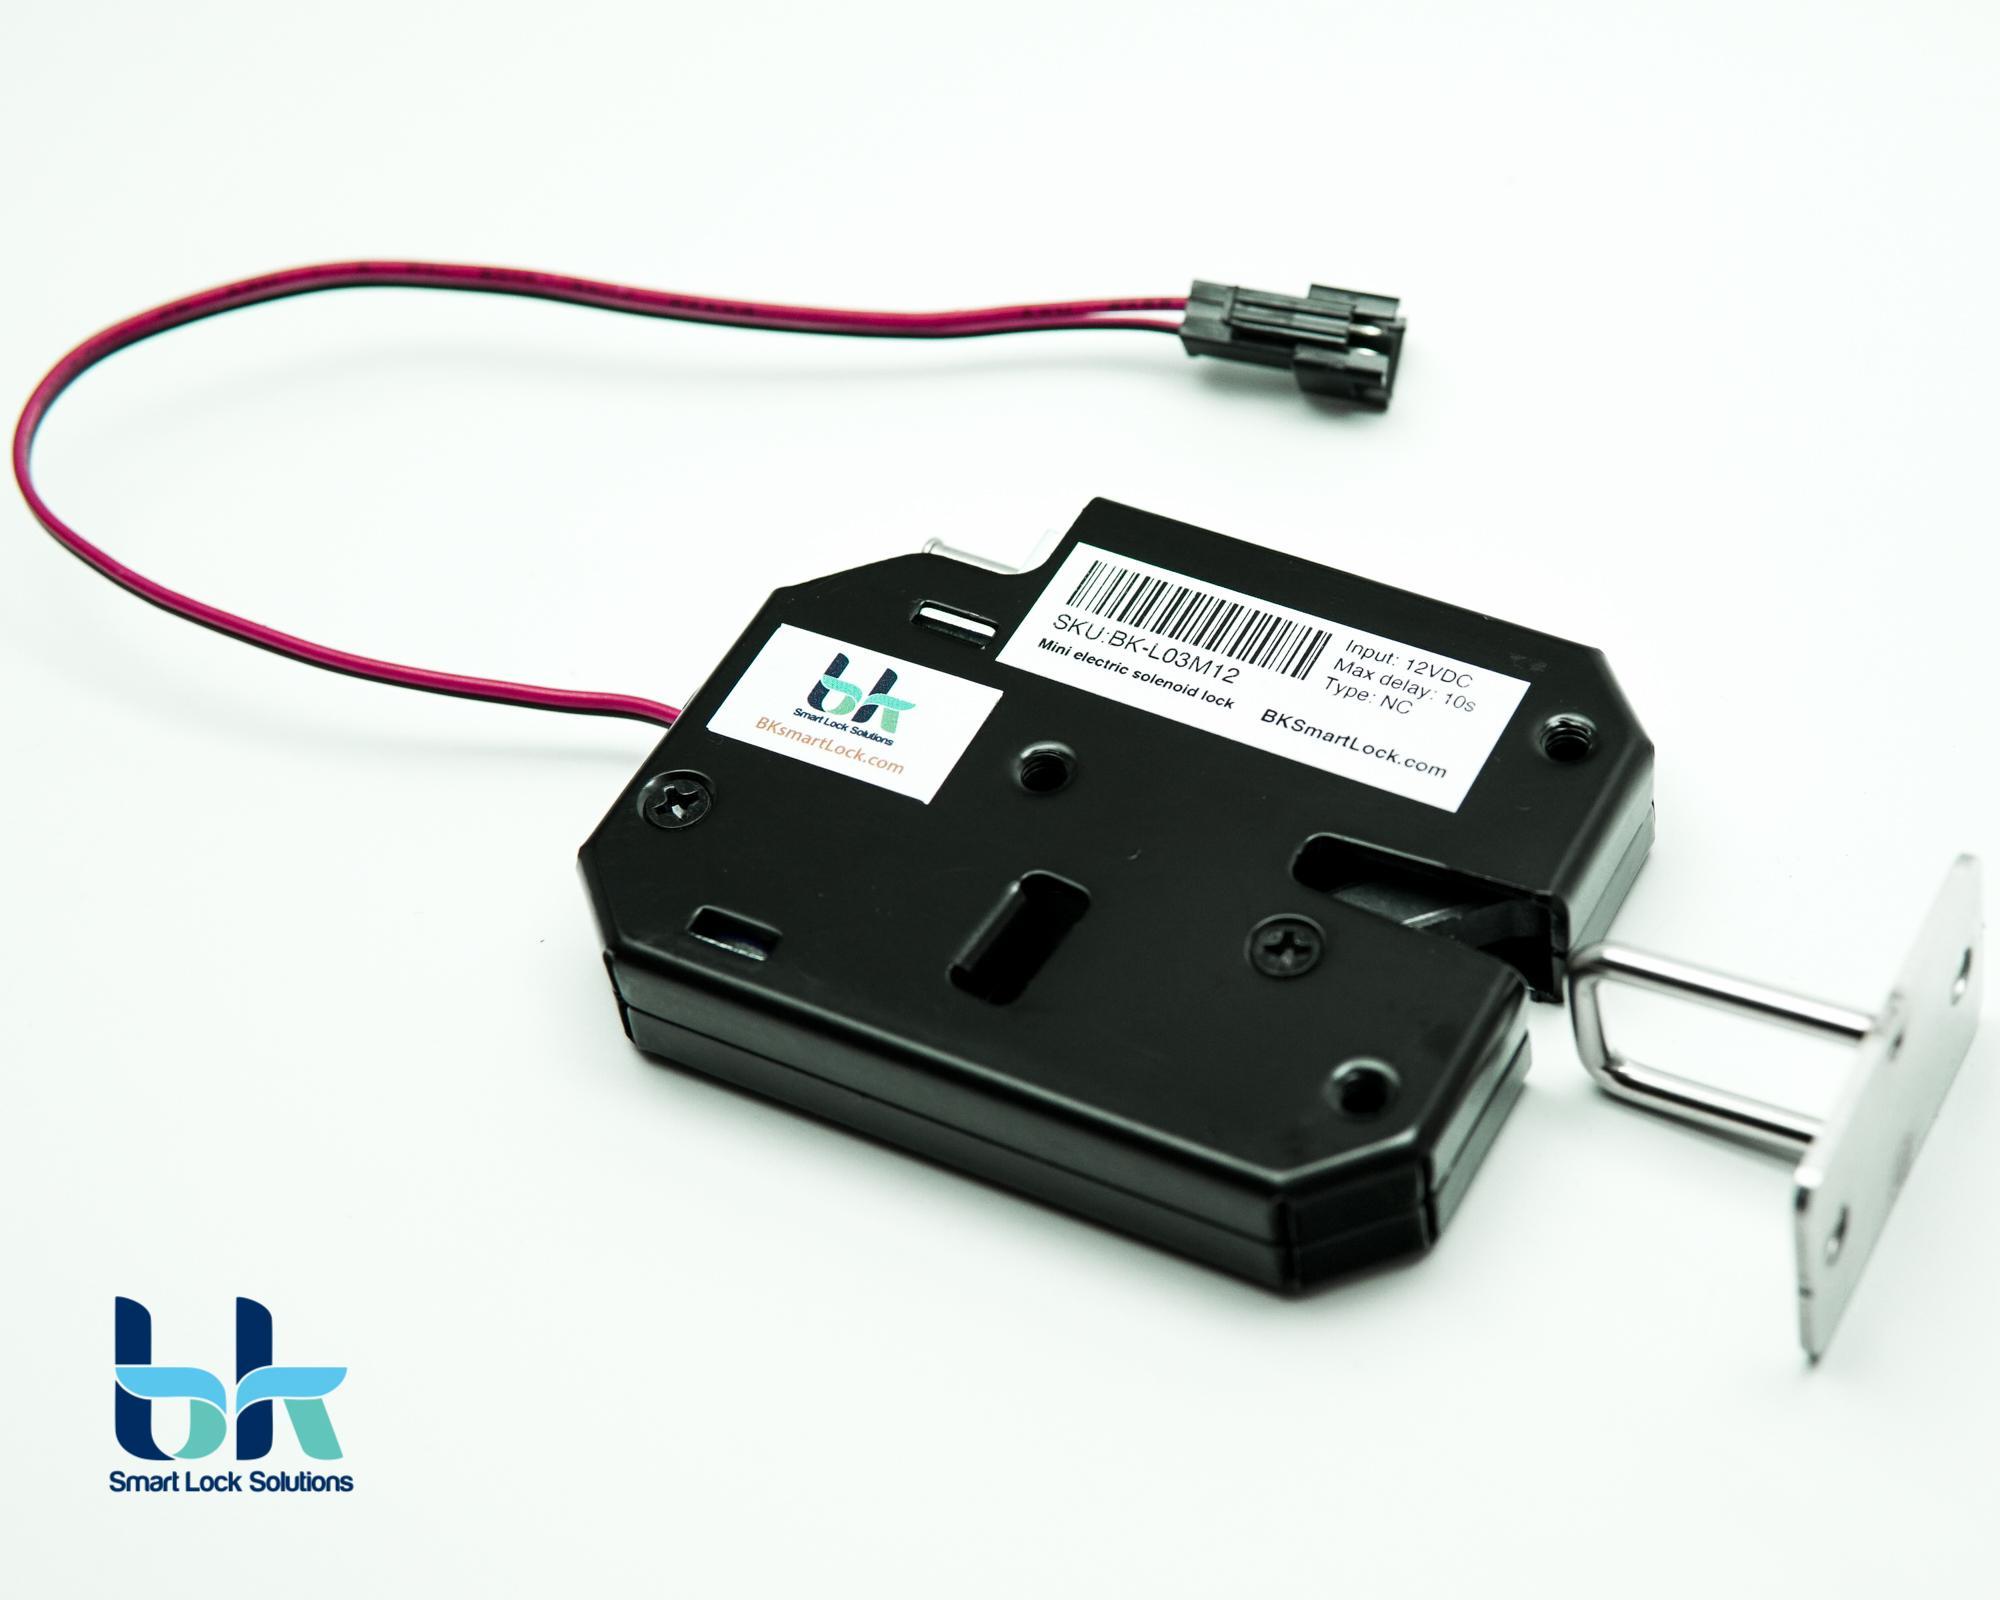 Chốt khóa cửa điện từ BK Smart Lock BK-L03M12 thường đóng 12V, dành cho cửa mở ra ngoài hoặc cửa lùa